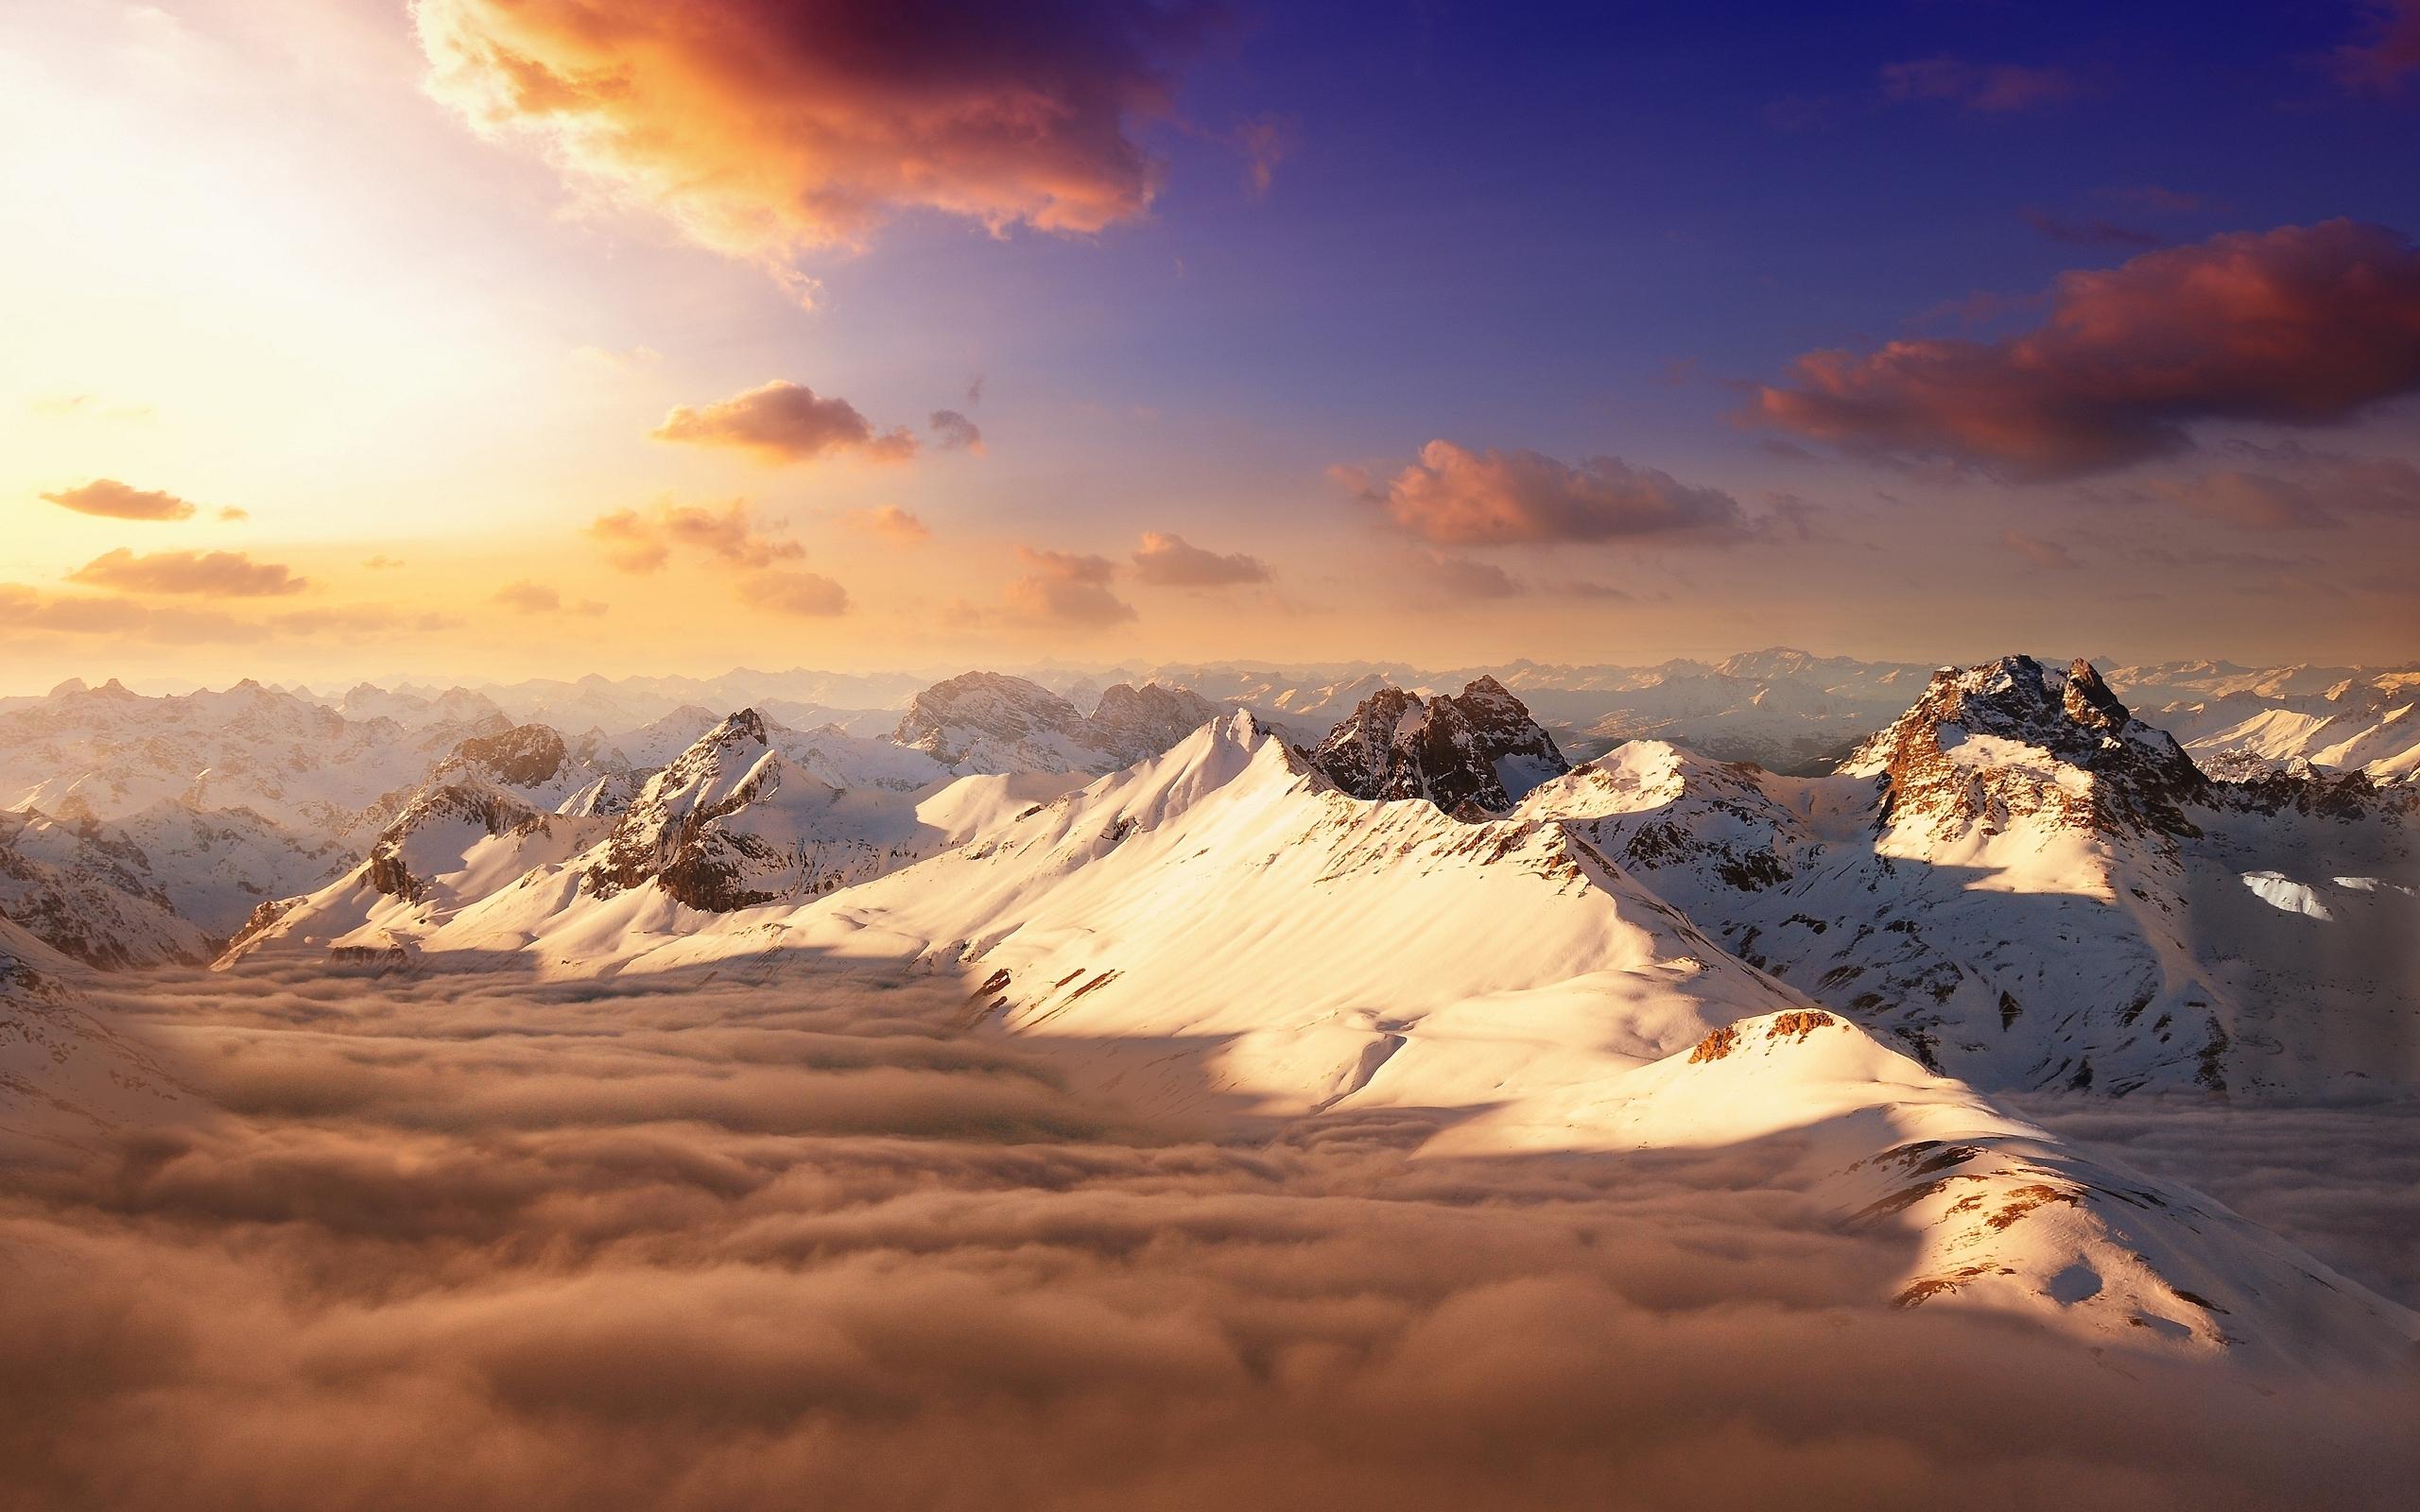 картинка выше облаков в горах хотят быть